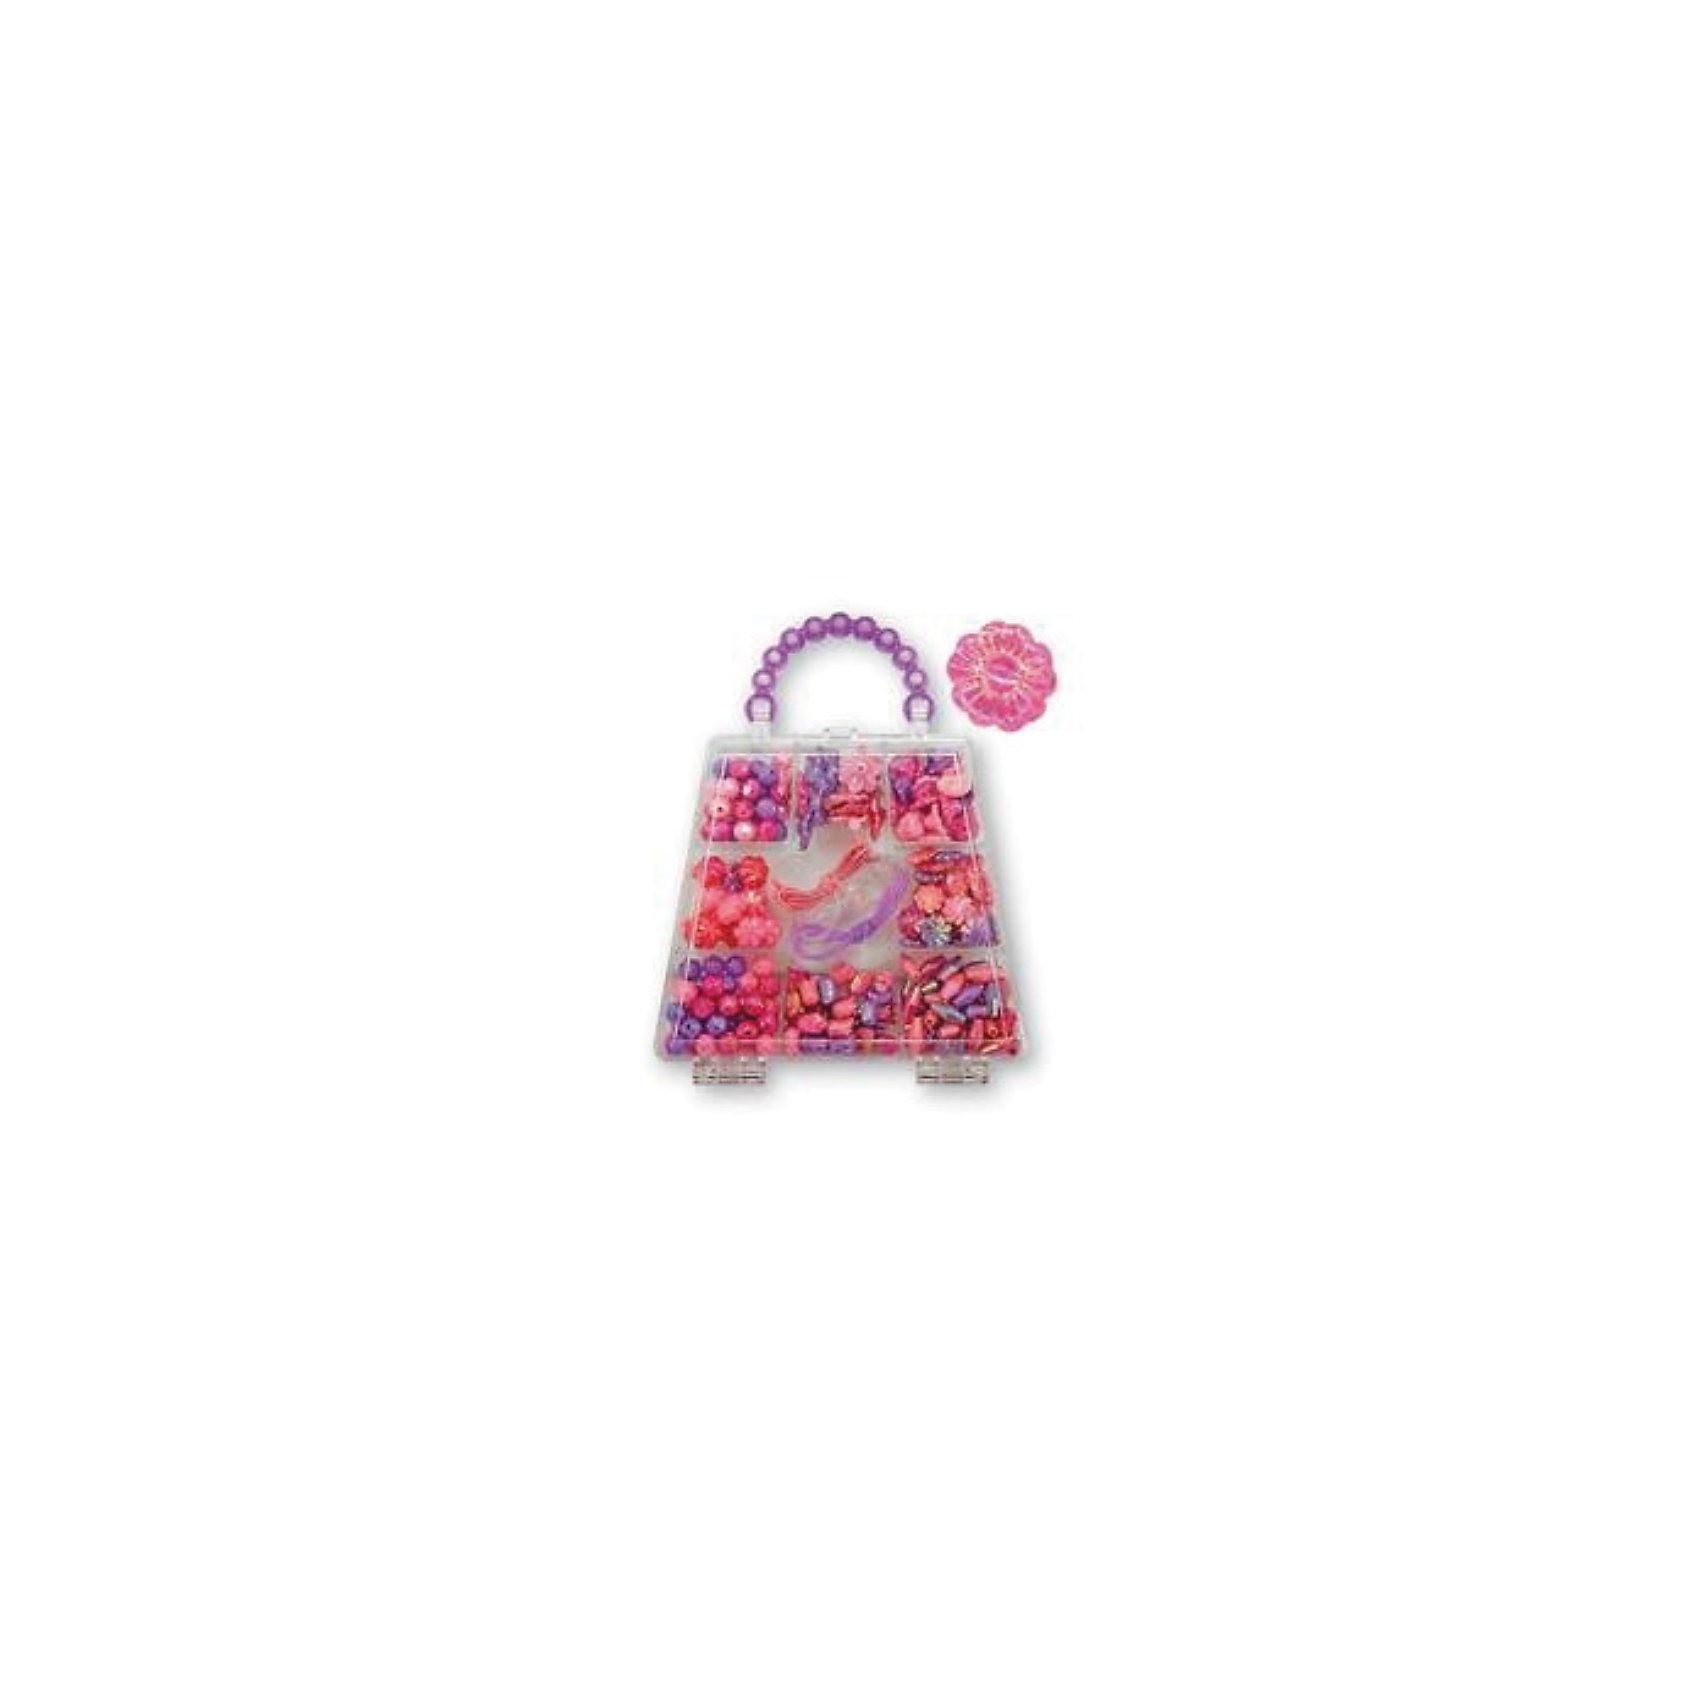 Melissa &amp; Doug Набор бусин Безупречный лепестокПереливающийся бисер розового и лавандового оттенков и сказочные, красочные пластиковые бусинки хранятся в прозрачном пластиковом кошельке.  <br><br>Они прекрасно нанизываются на шнуры и станут прекрасным помощником Вашему ребенку в развитии мелкой моторики и сенсорного внимания. <br><br>Набор упакован в оригинальную пластиковую сумочку с 9 отделениями, удобную для хранения. <br><br>Более 150 бусин имеют самые разнообразные формы. Красочные шнуры в комплекте. Будет чем заняться на вечеринках и в дождливую погоду!<br><br>Дополнительная информация:<br><br>- Размер: 13х16х2 см <br>- Материал: пластмасса<br><br>Ширина мм: 20<br>Глубина мм: 160<br>Высота мм: 130<br>Вес г: 280<br>Возраст от месяцев: 72<br>Возраст до месяцев: 120<br>Пол: Унисекс<br>Возраст: Детский<br>SKU: 2401086